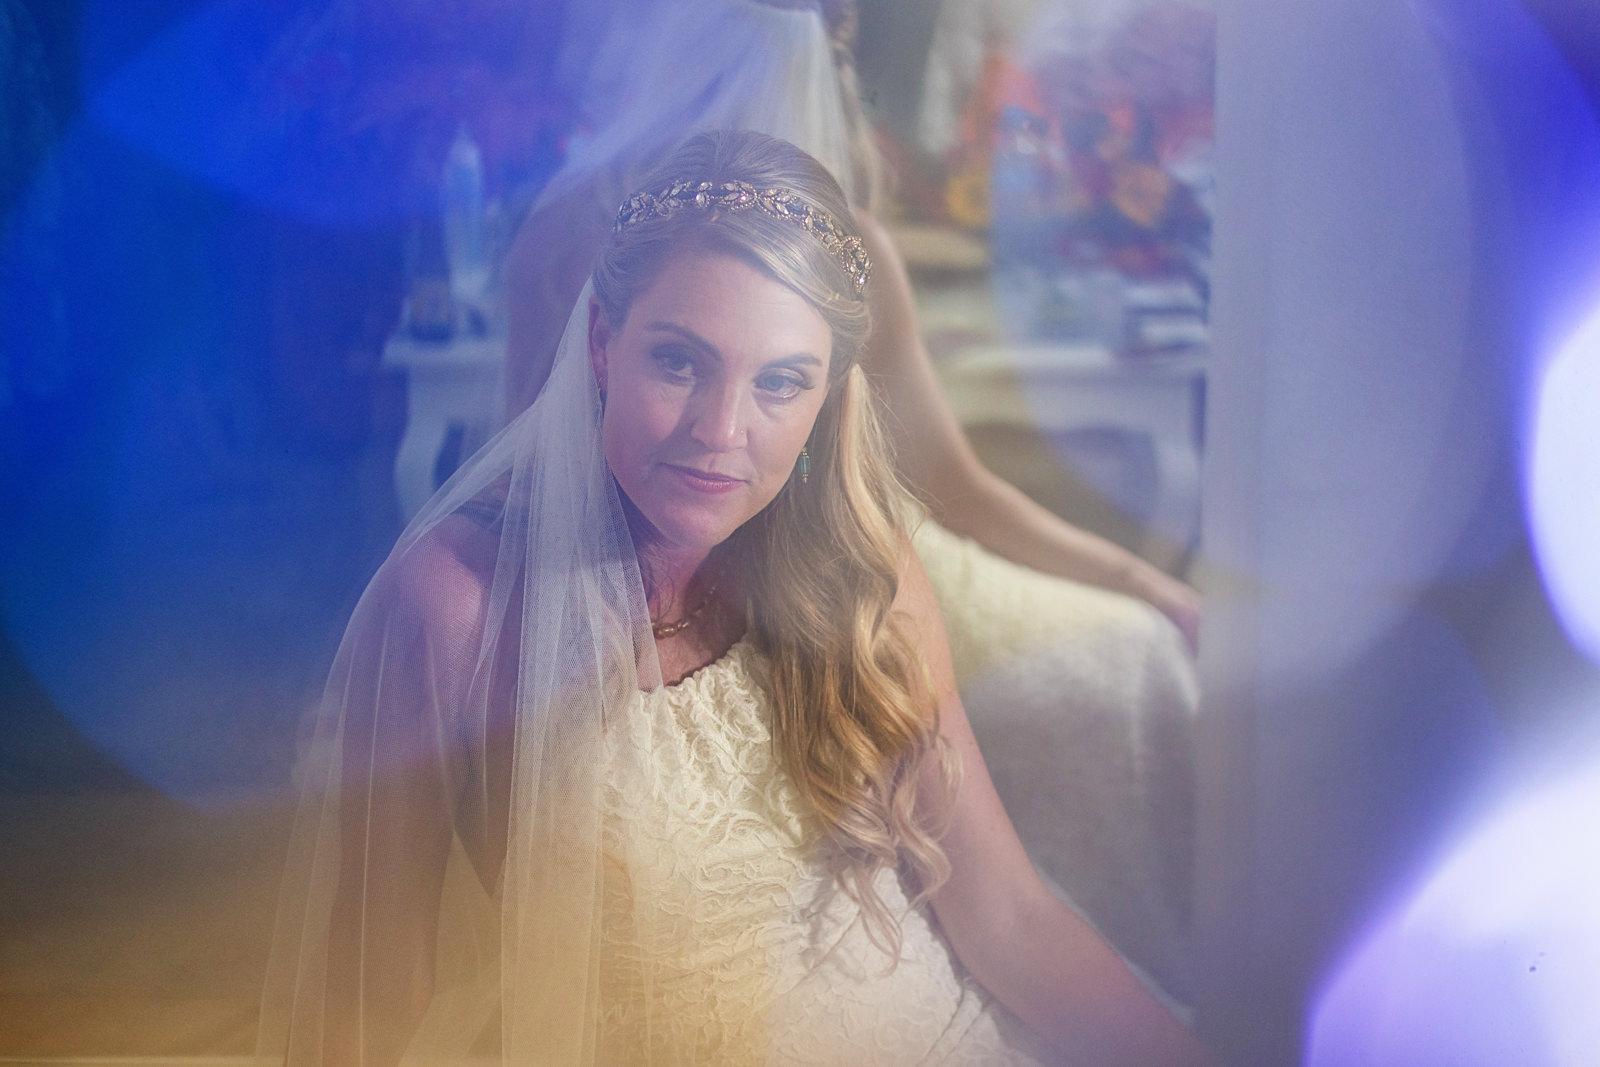 Bride's portrait through colored lens flare